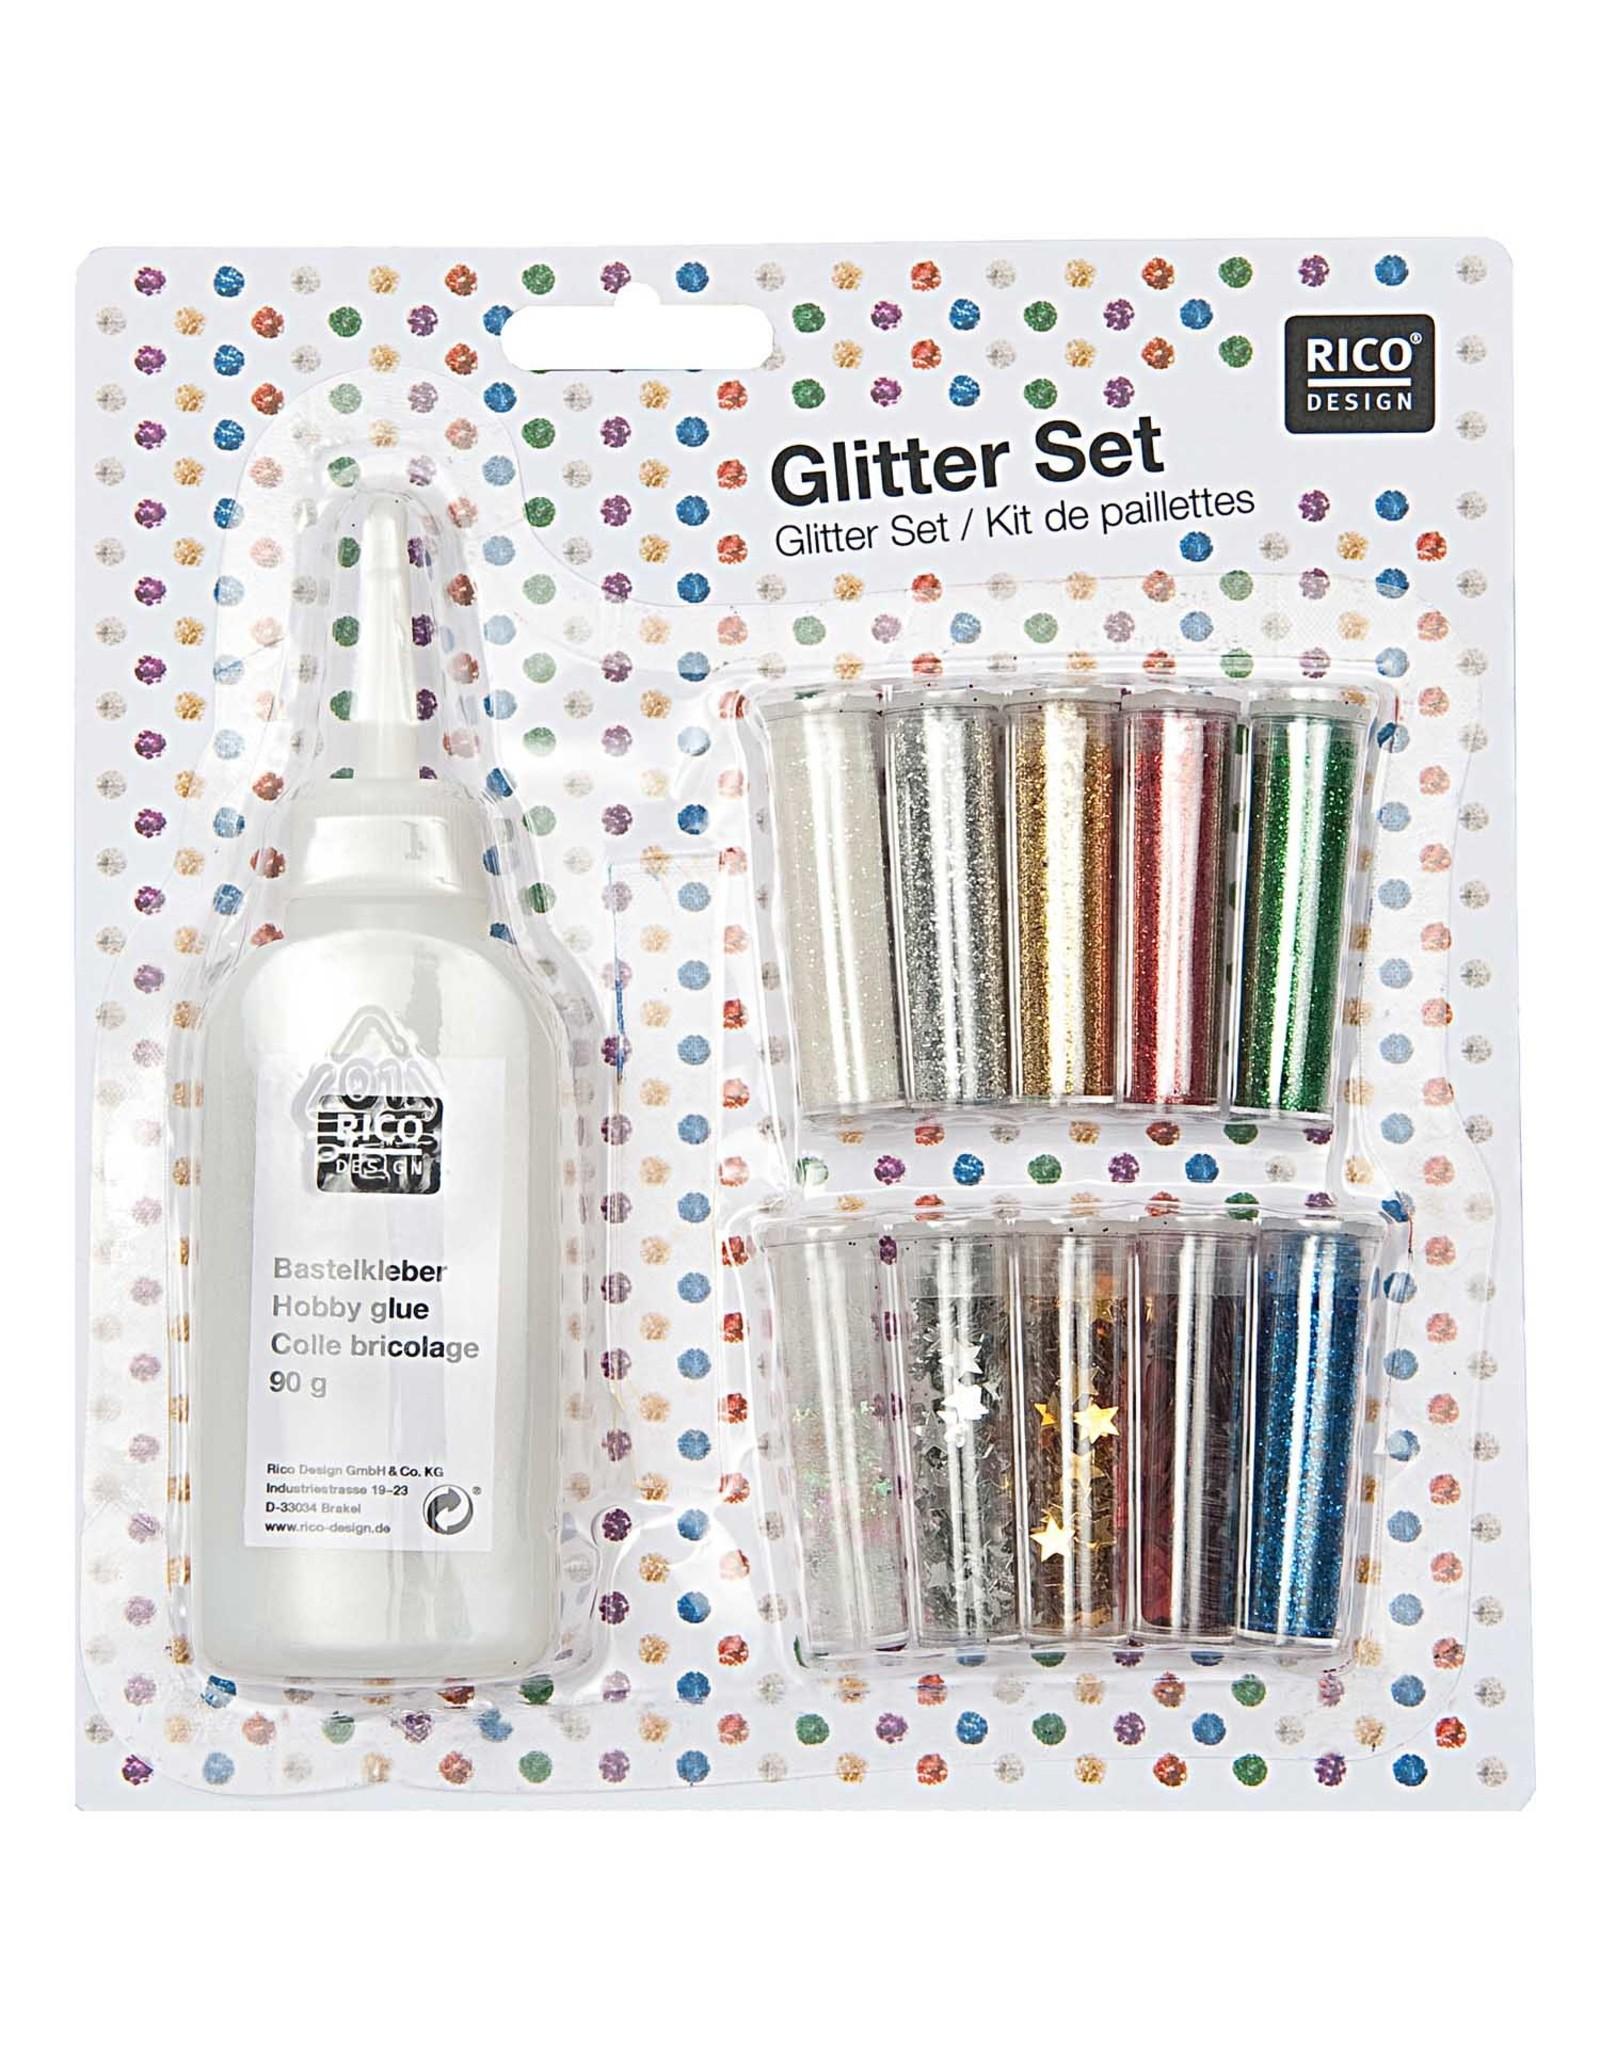 Rico Design Glitter set